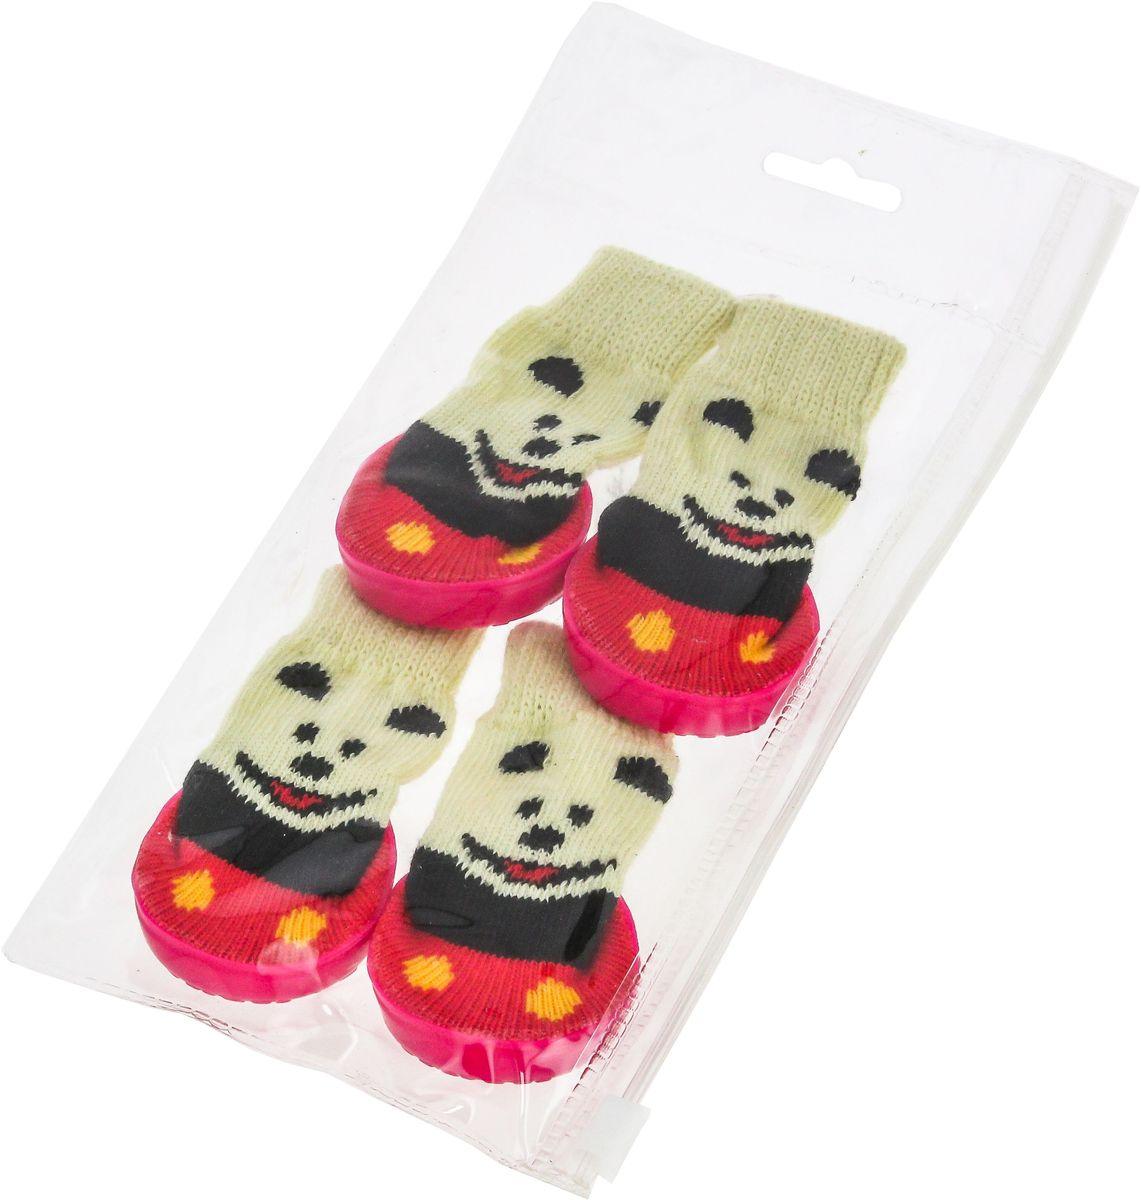 Носки для собак Каскад, унисекс, цвет: красный, черный, бежевый. Размер M28000188-02Носки для собак Каскад выполнены из прочной ткани и снабжены прорезиненной подошвой для того, чтобы ваш питомец мог без проблем бегать по скользкой поверхности. Носки имеют удобную резинку, которая плотно облегает лапу. Носки служат защитой лап от истирания о твердое покрытие и защищают лапу после травмы. Конструкция носка анатомически повторяет строение лапы.Одежда для собак: нужна ли она и как её выбрать. Статья OZON Гид